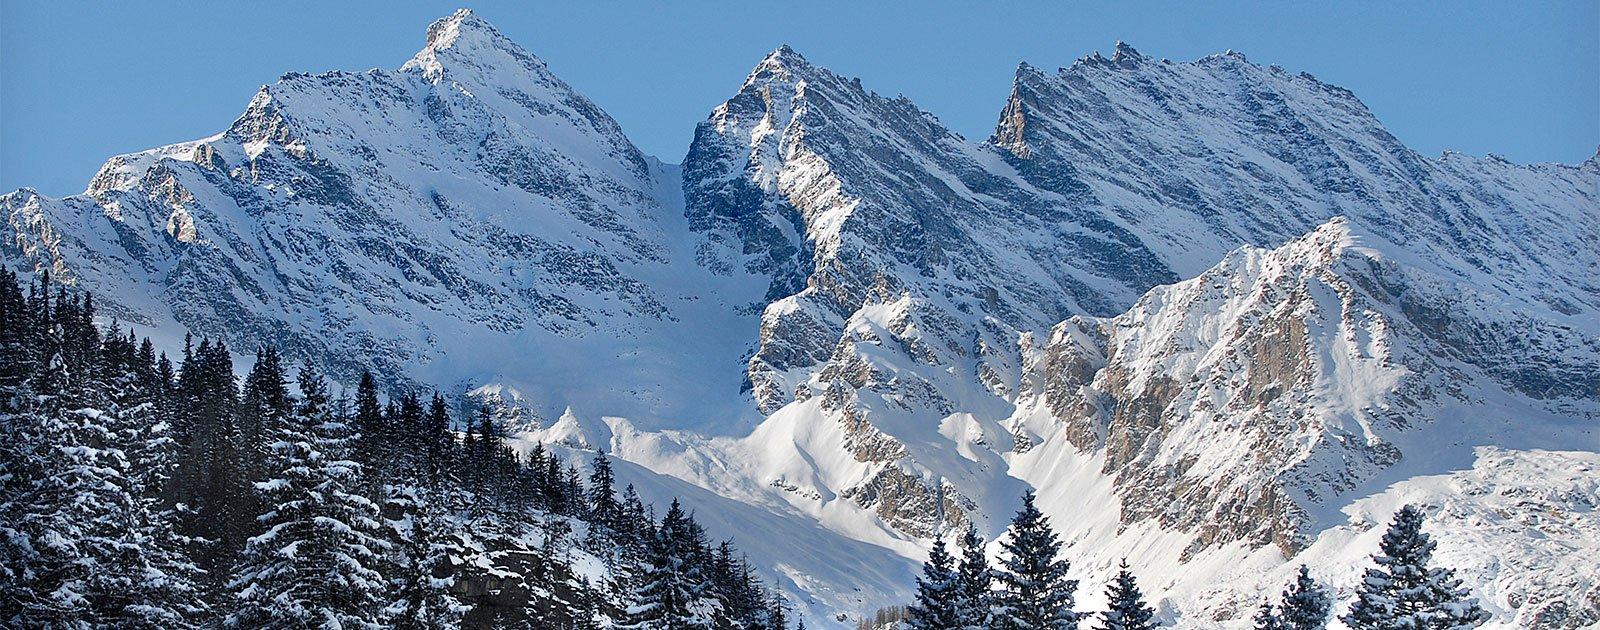 Winterliche Bergkulisse